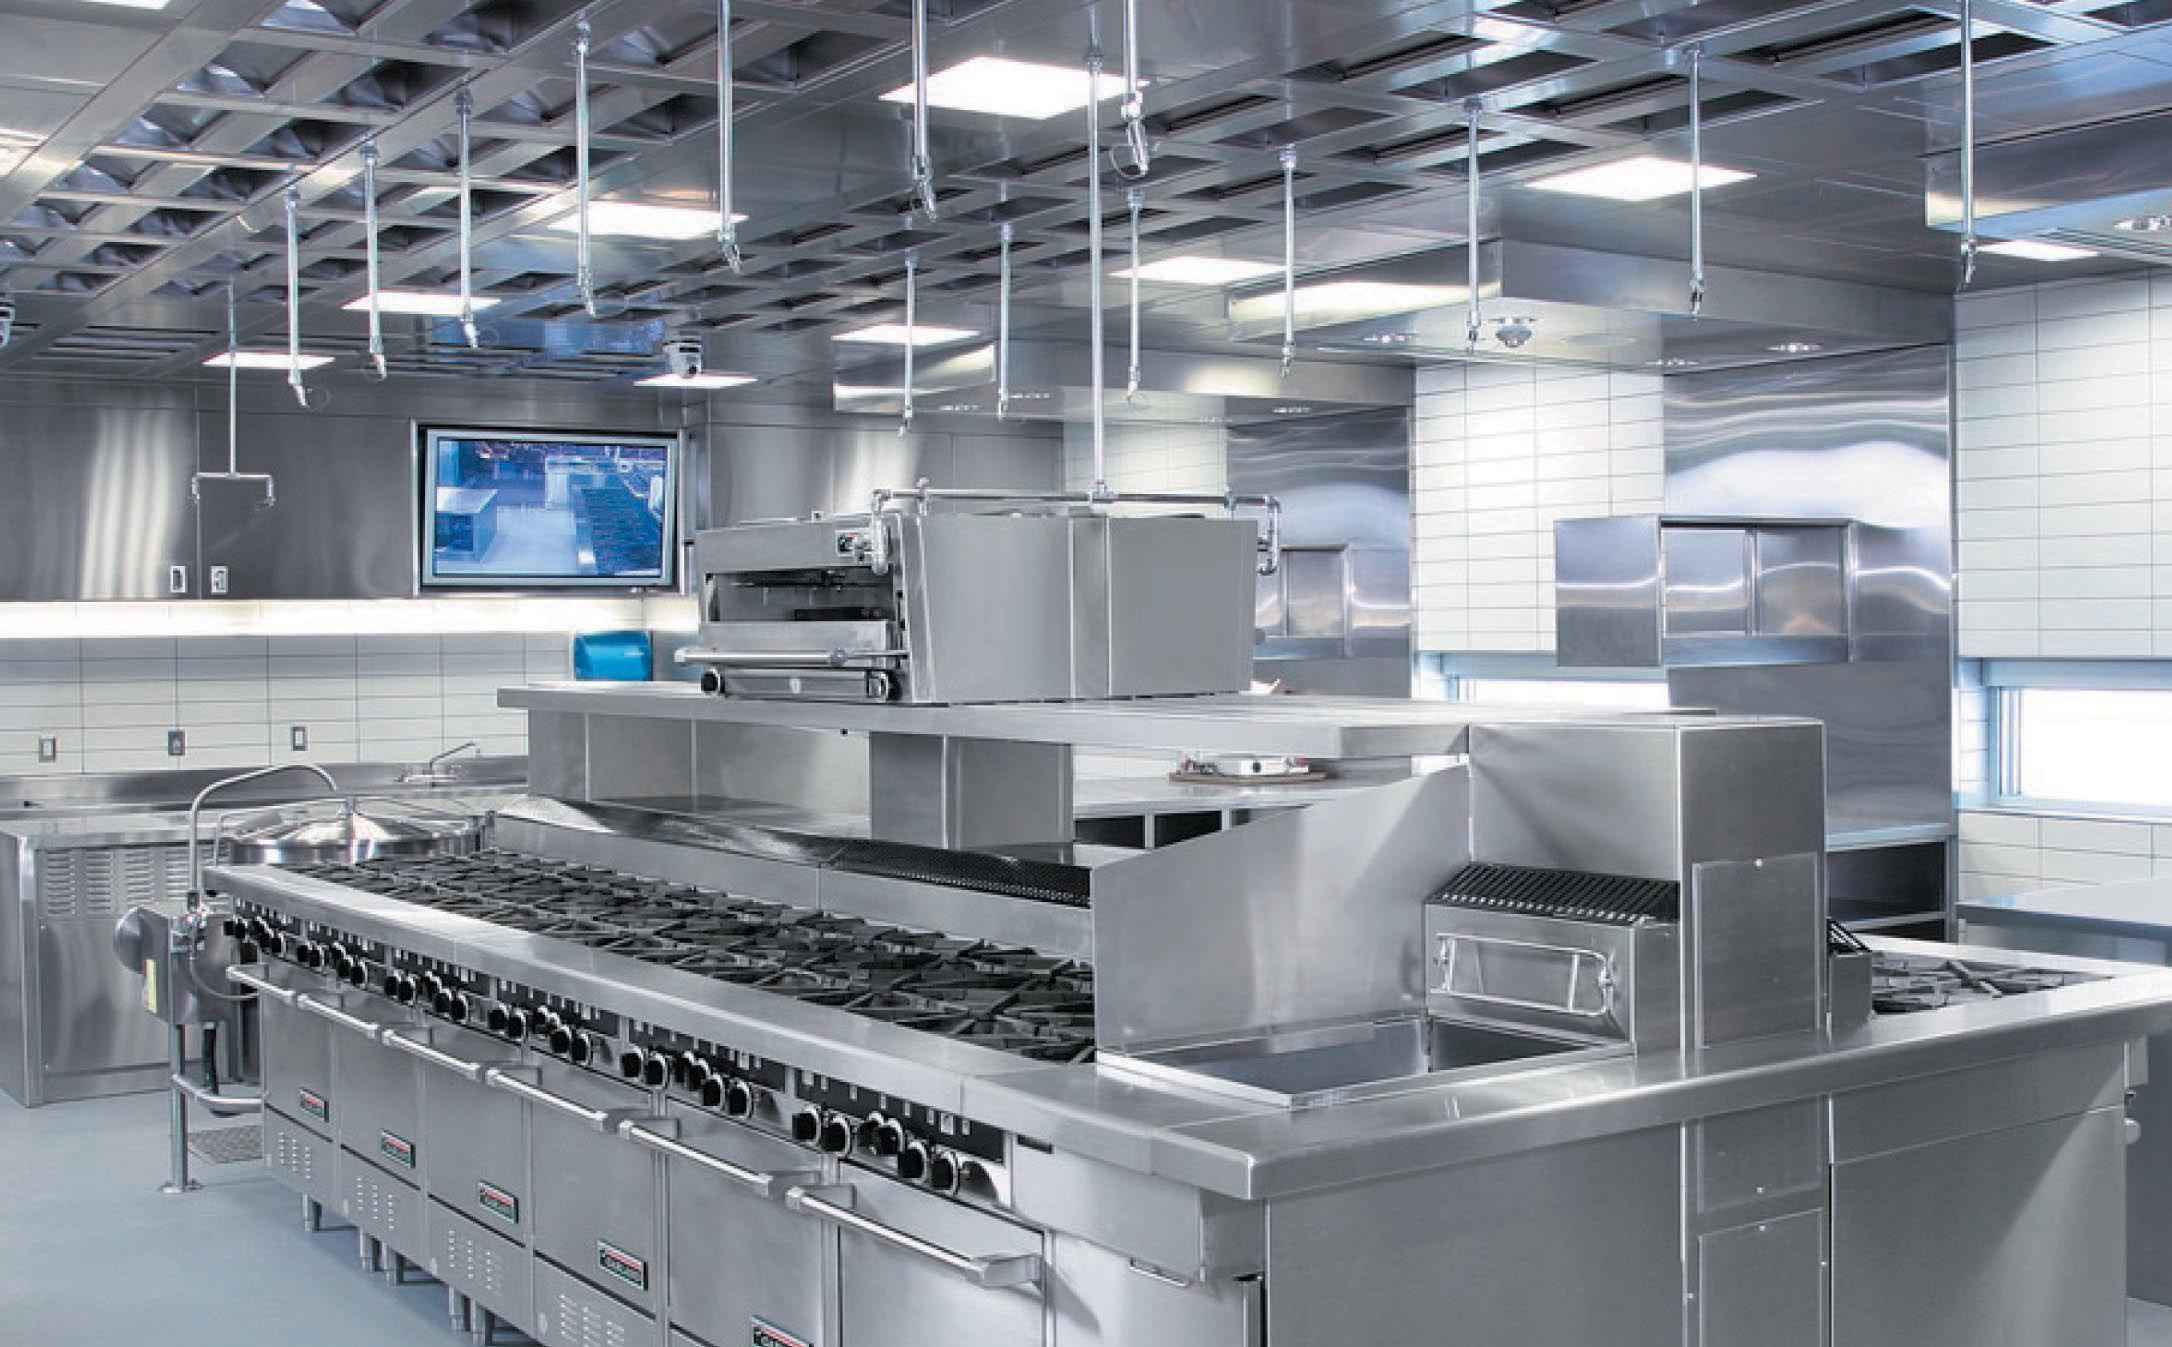 La ventilazione nelle cucine professionali - RCI – progettare ...